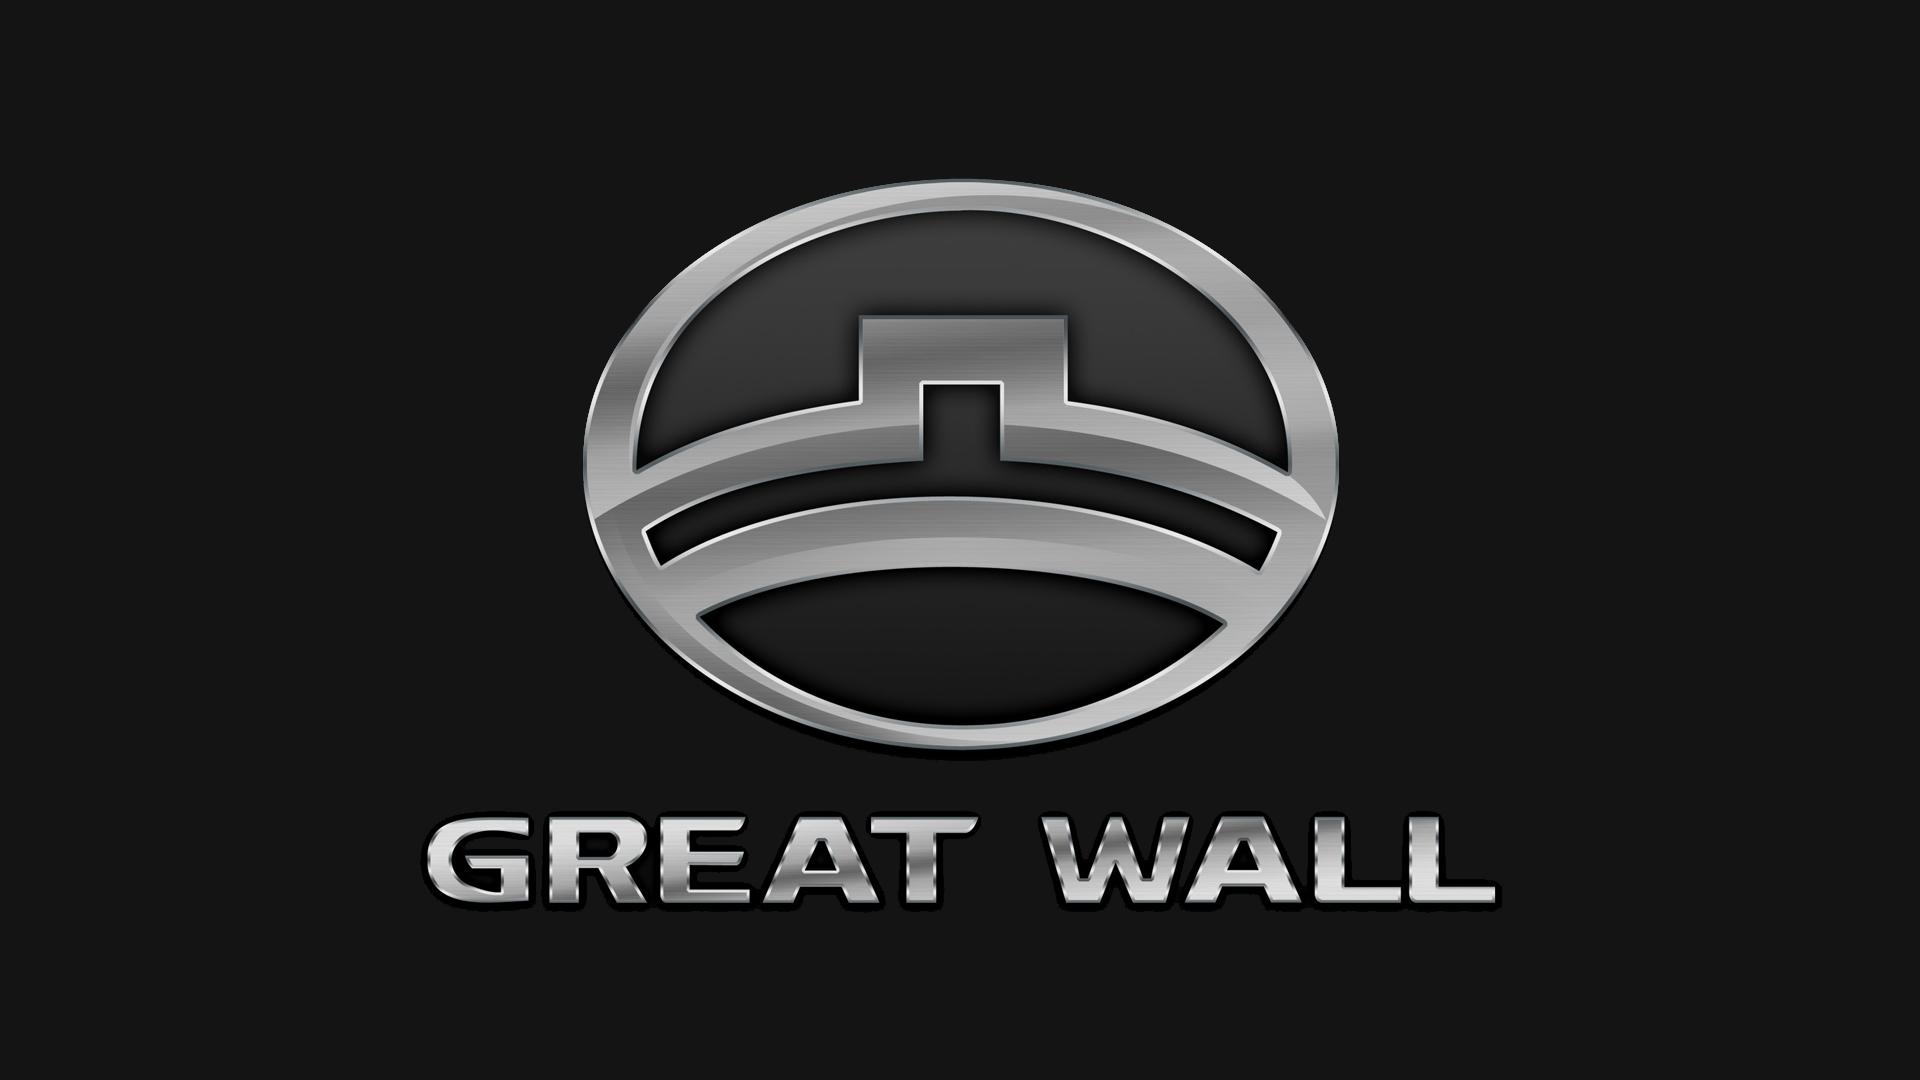 Great Wall логотип.